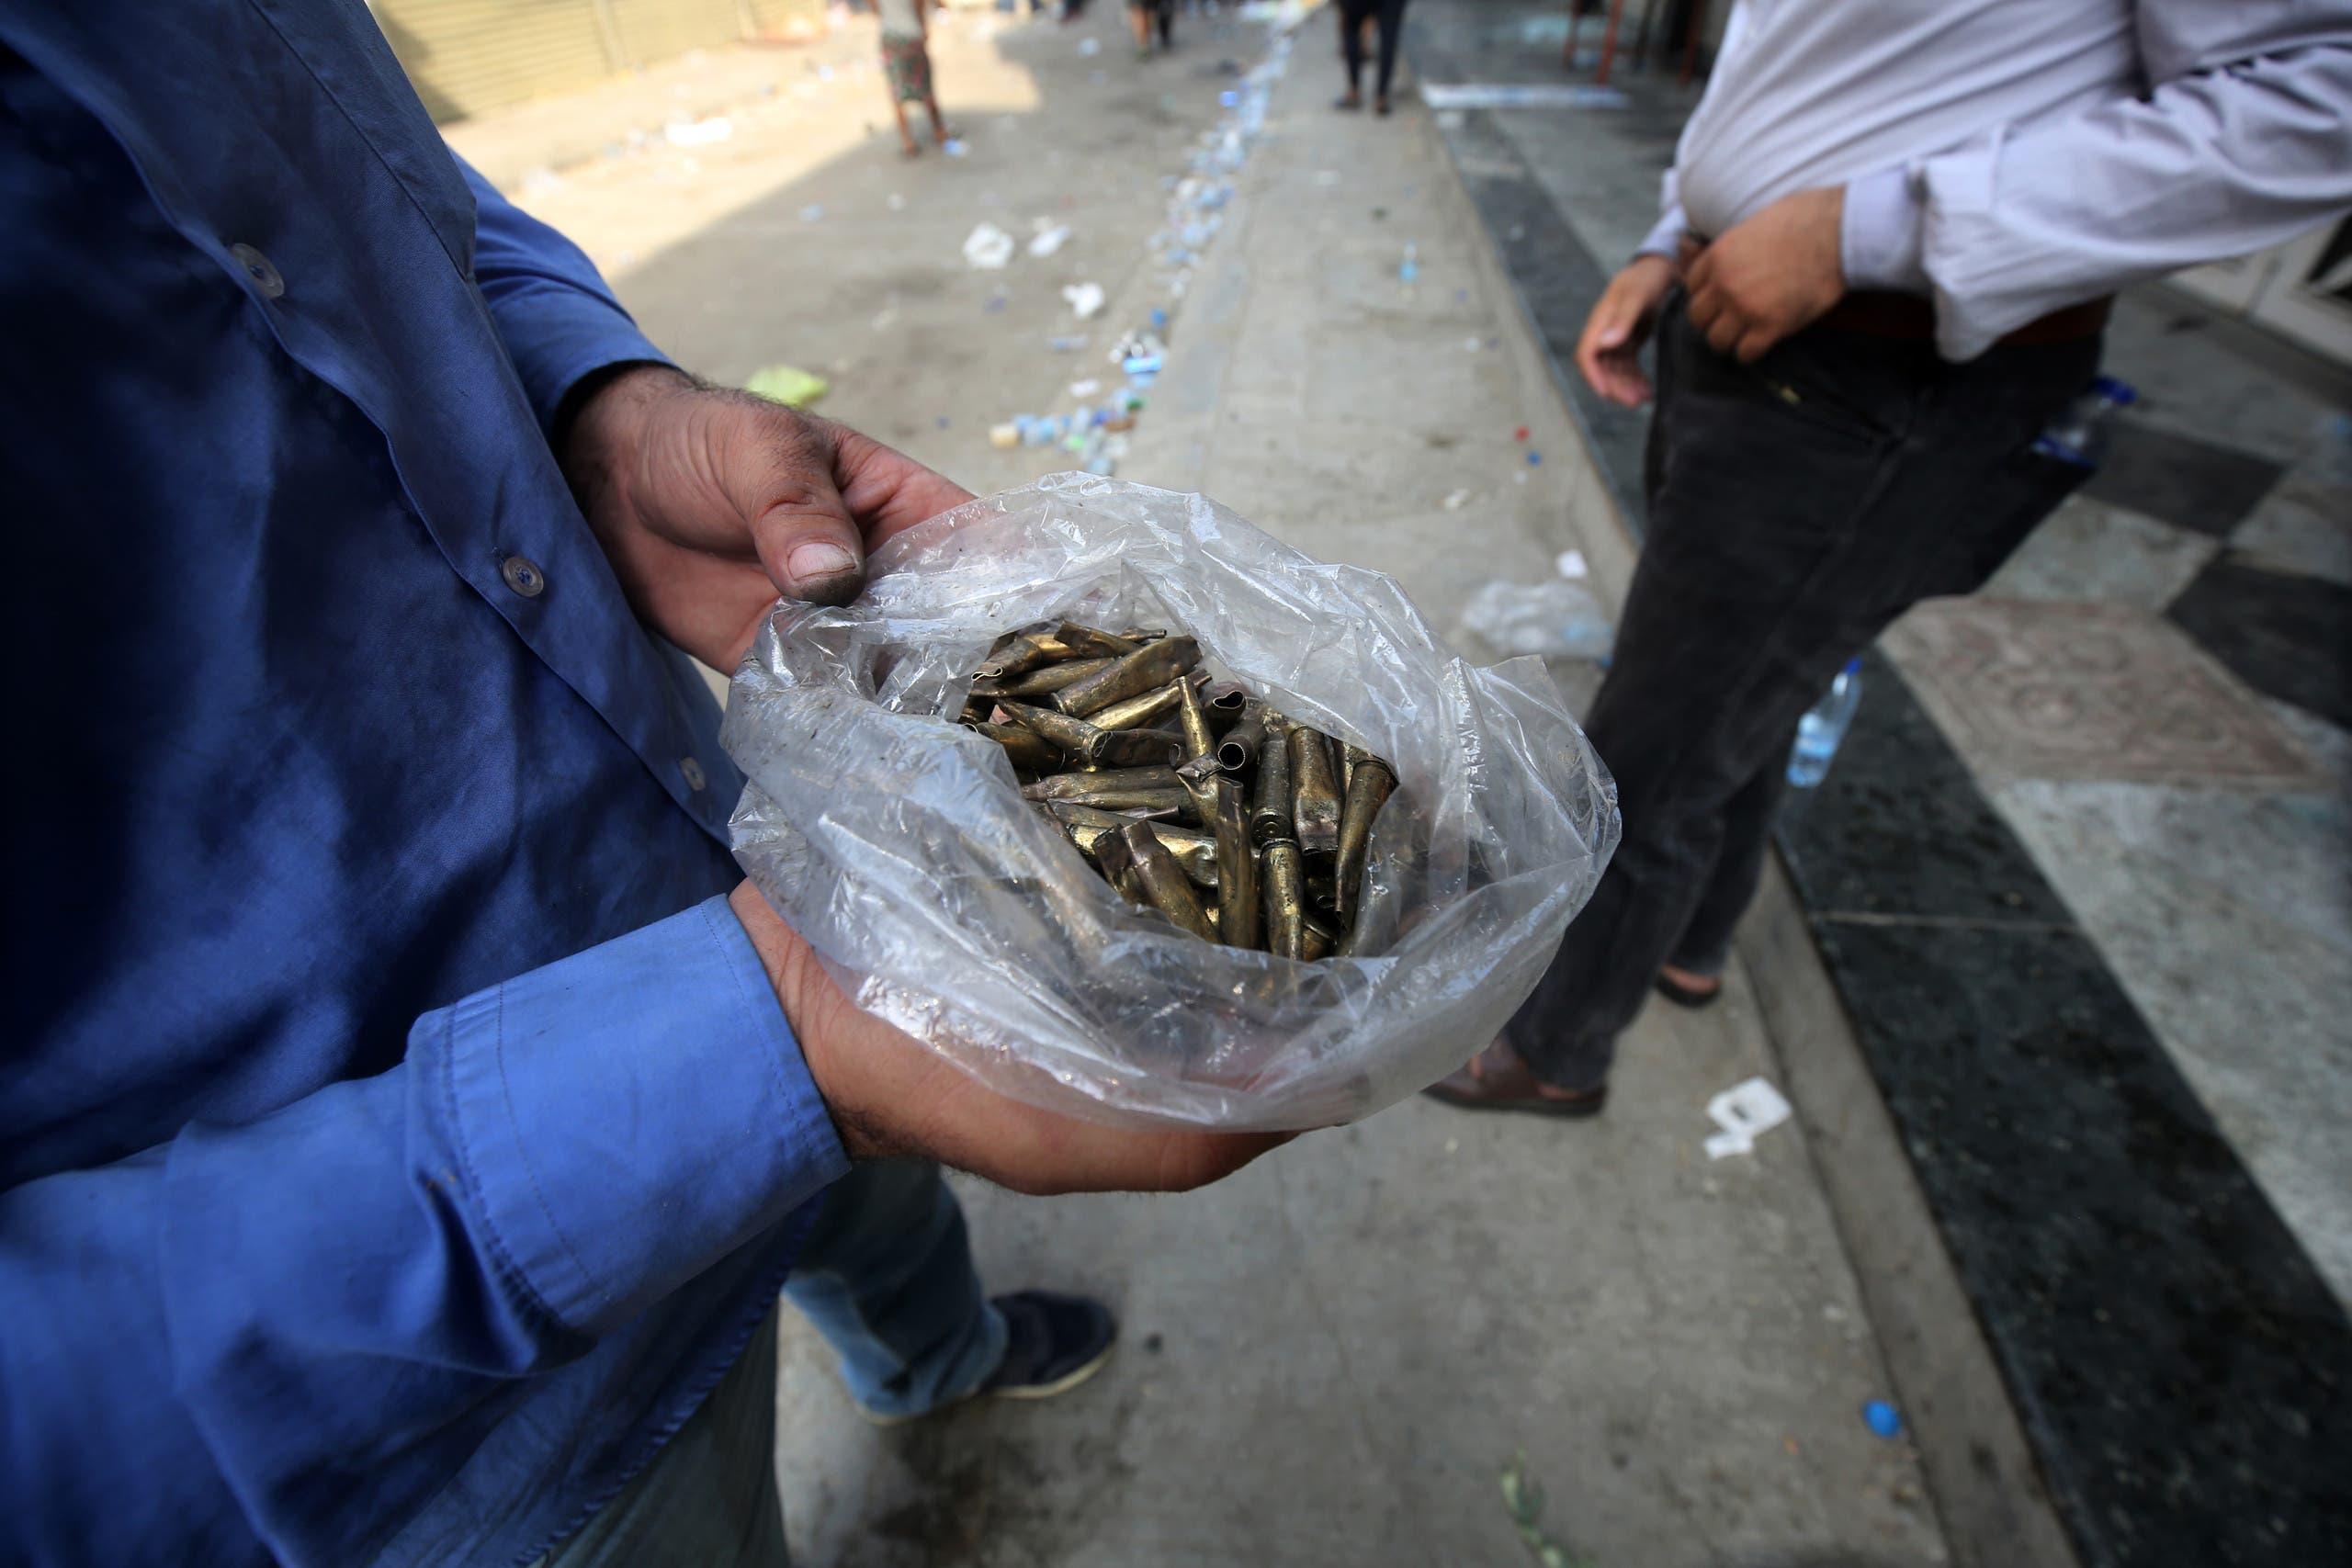 قوات الأمن أطلقت الرصاص الحي على المتظاهرين